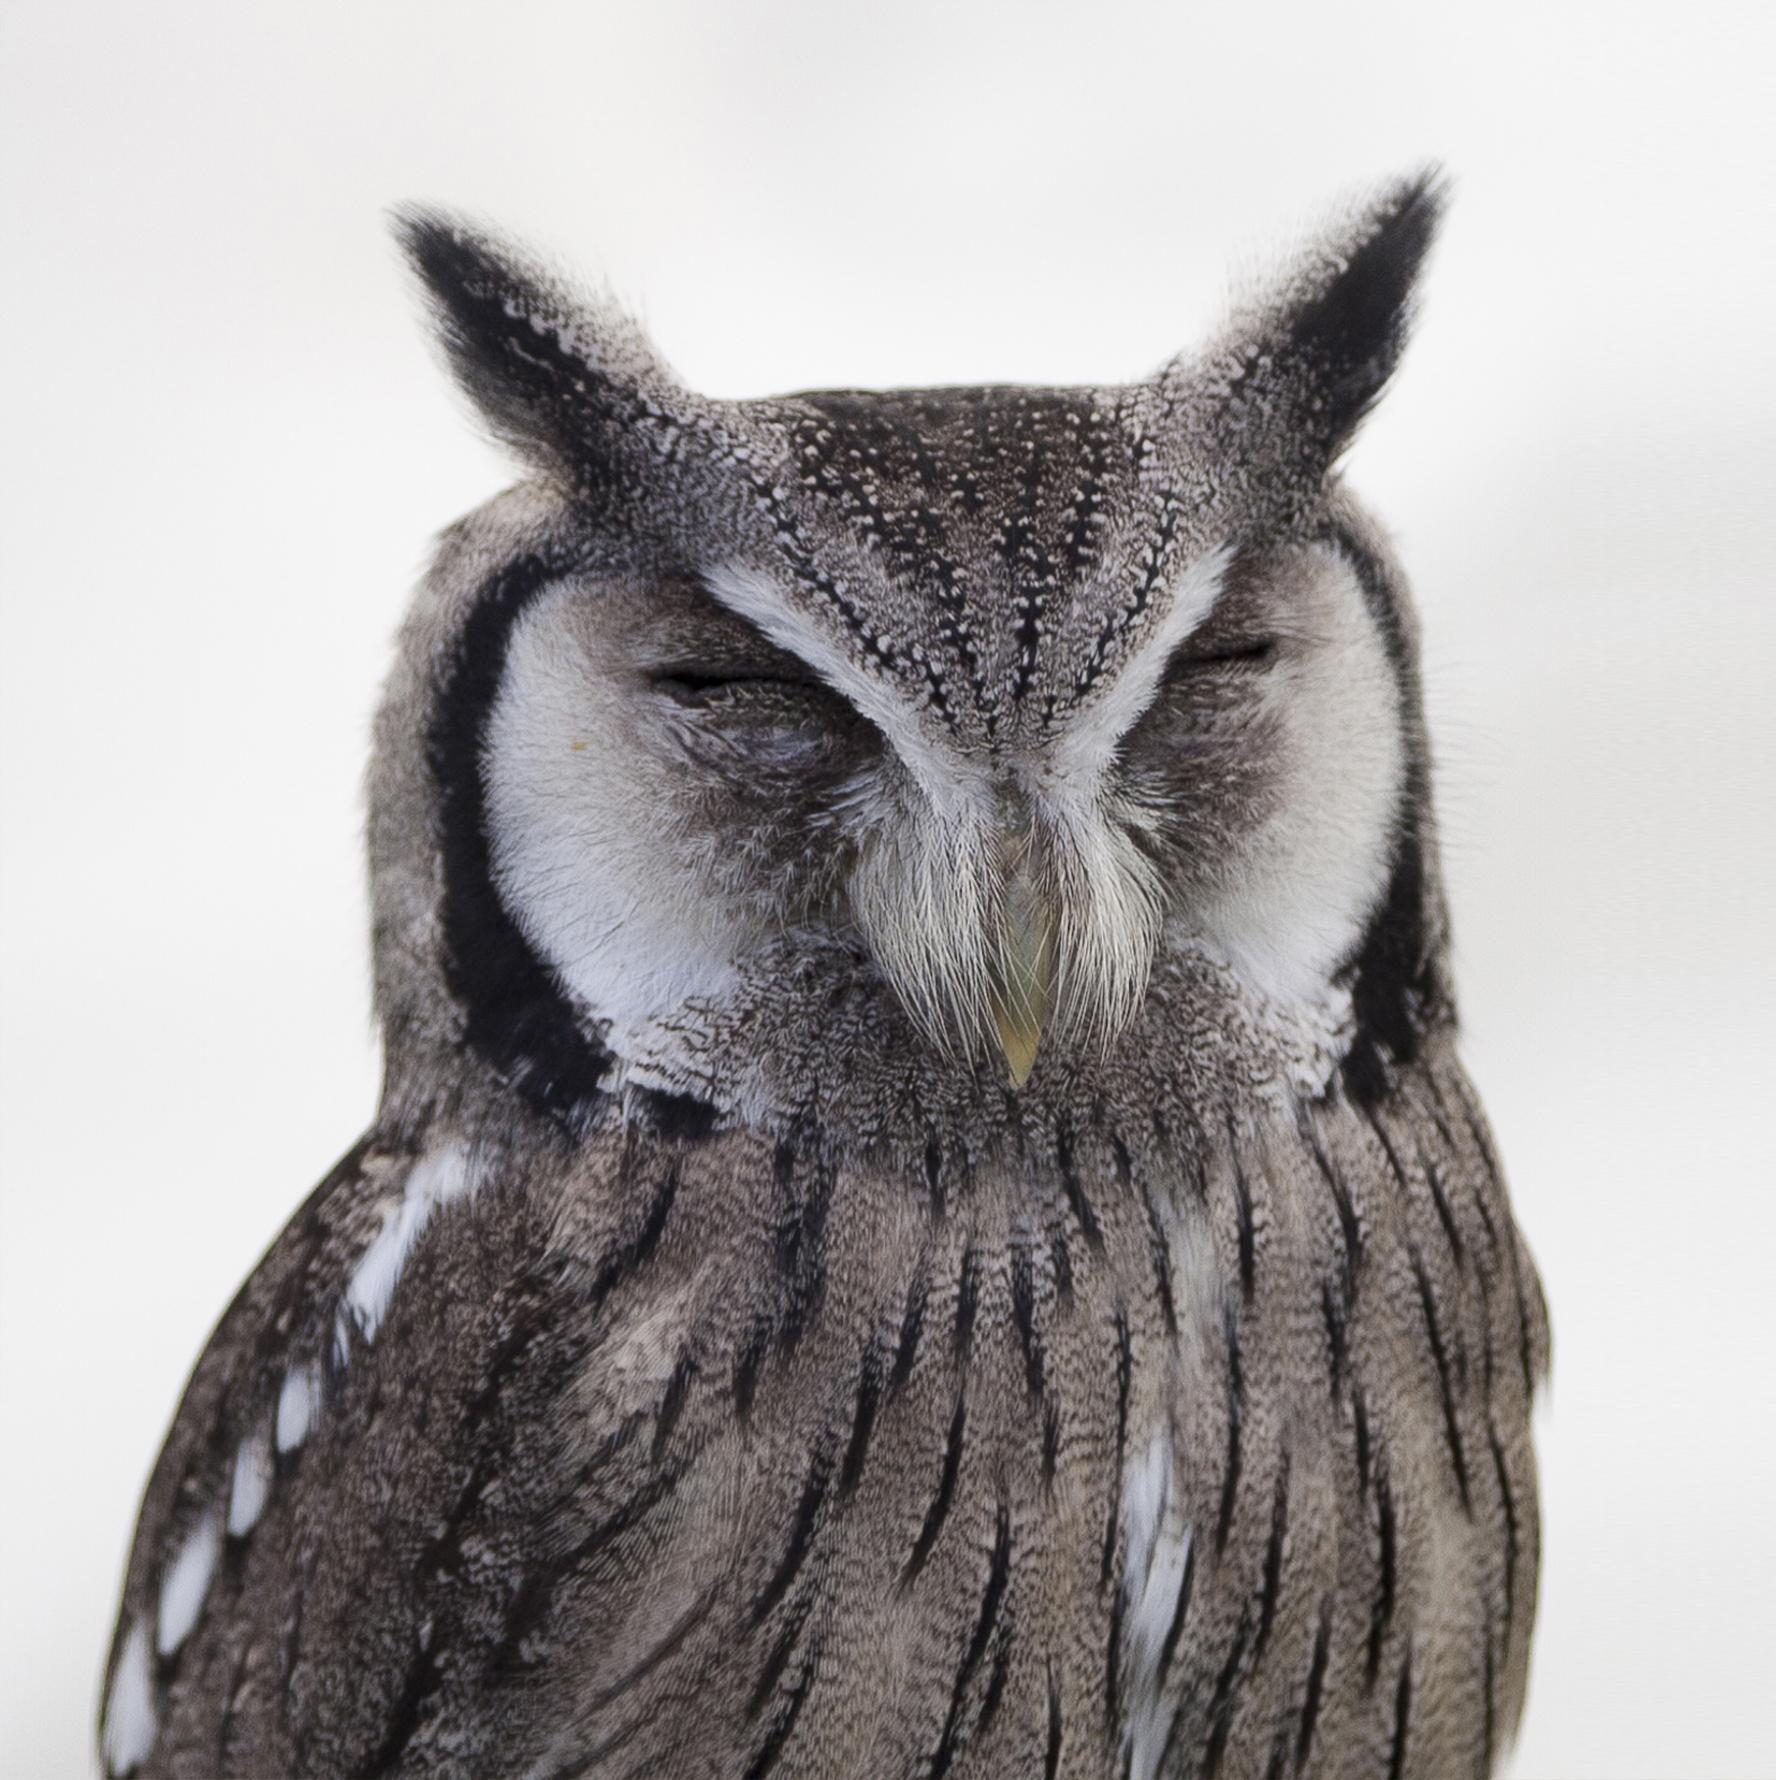 White And Black Owl 183 Free Stock Photo